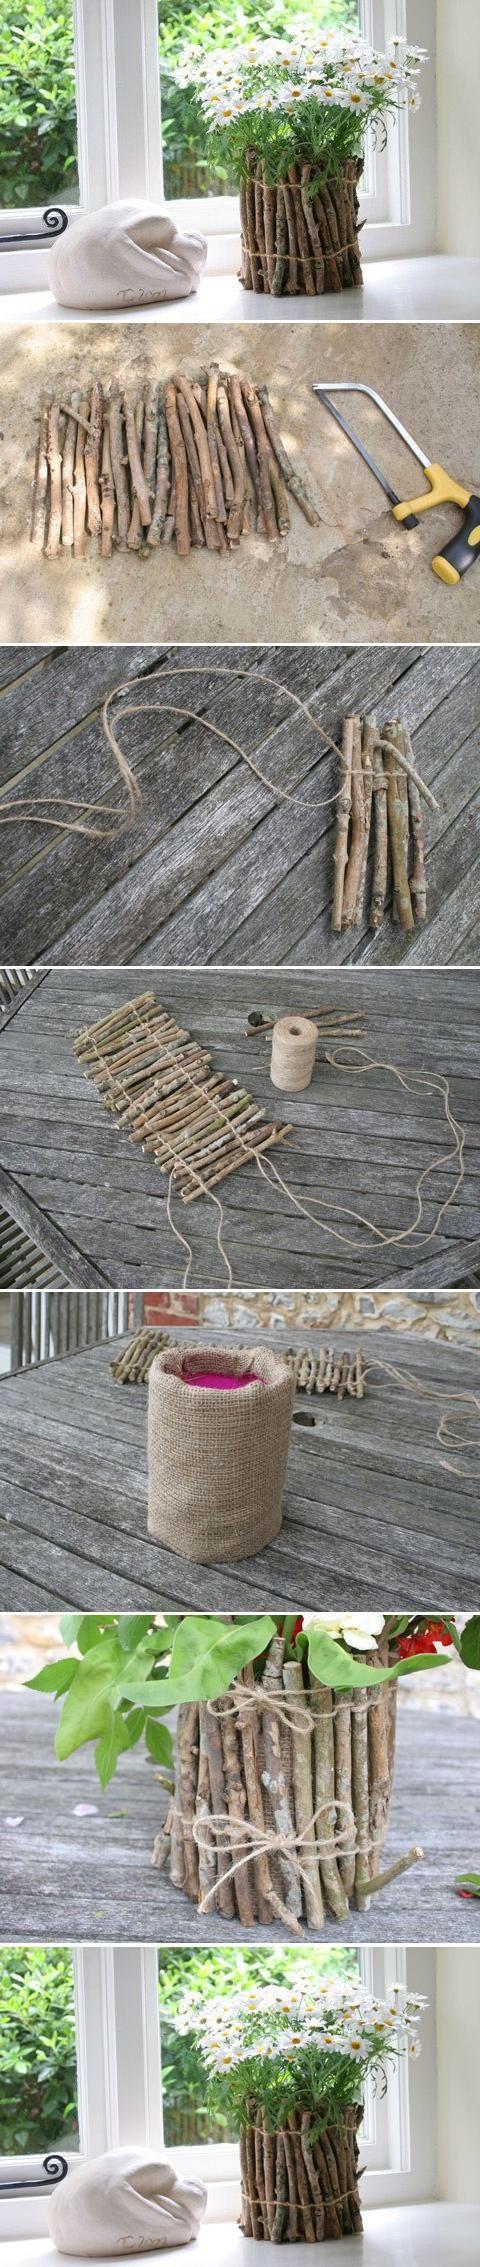 Idea para hacer jarrones con envases de plástico